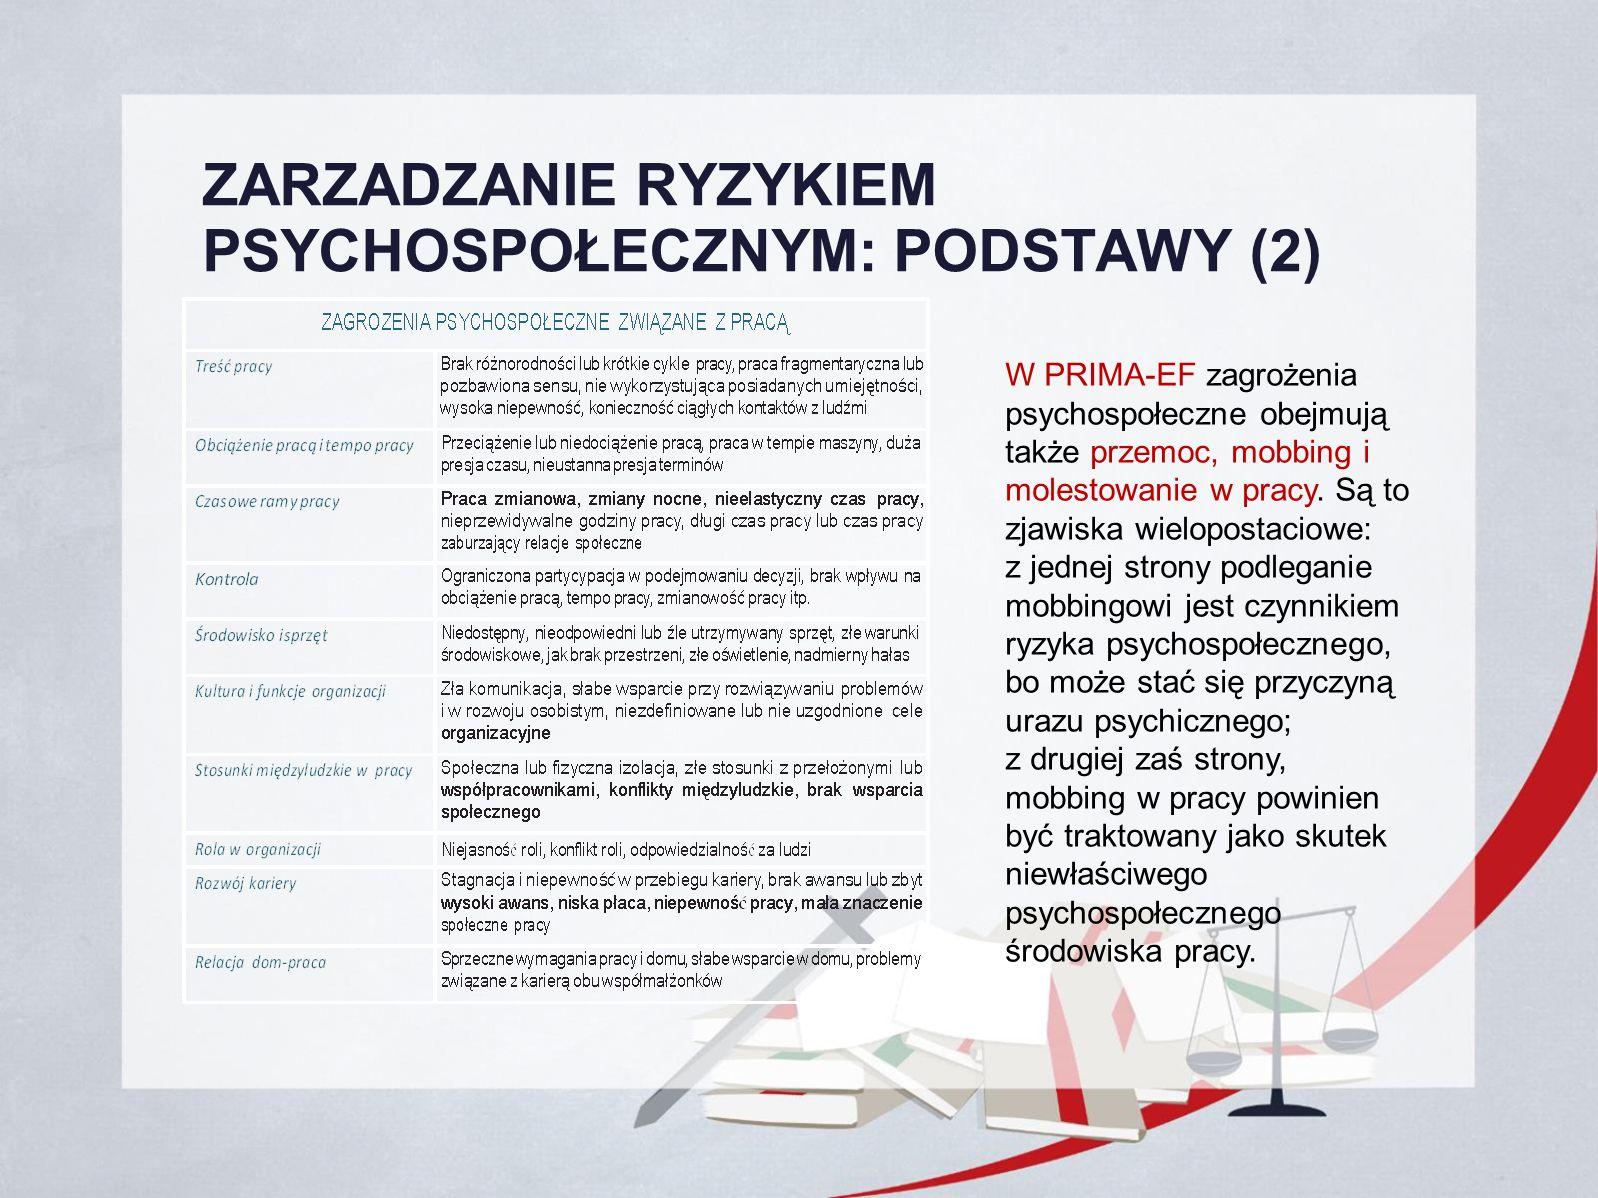 ZARZADZANIE RYZYKIEM PSYCHOSPOŁECZNYM: PODSTAWY (2) W PRIMA-EF zagrożenia psychospołeczne obejmują także przemoc, mobbing i molestowanie w pracy.